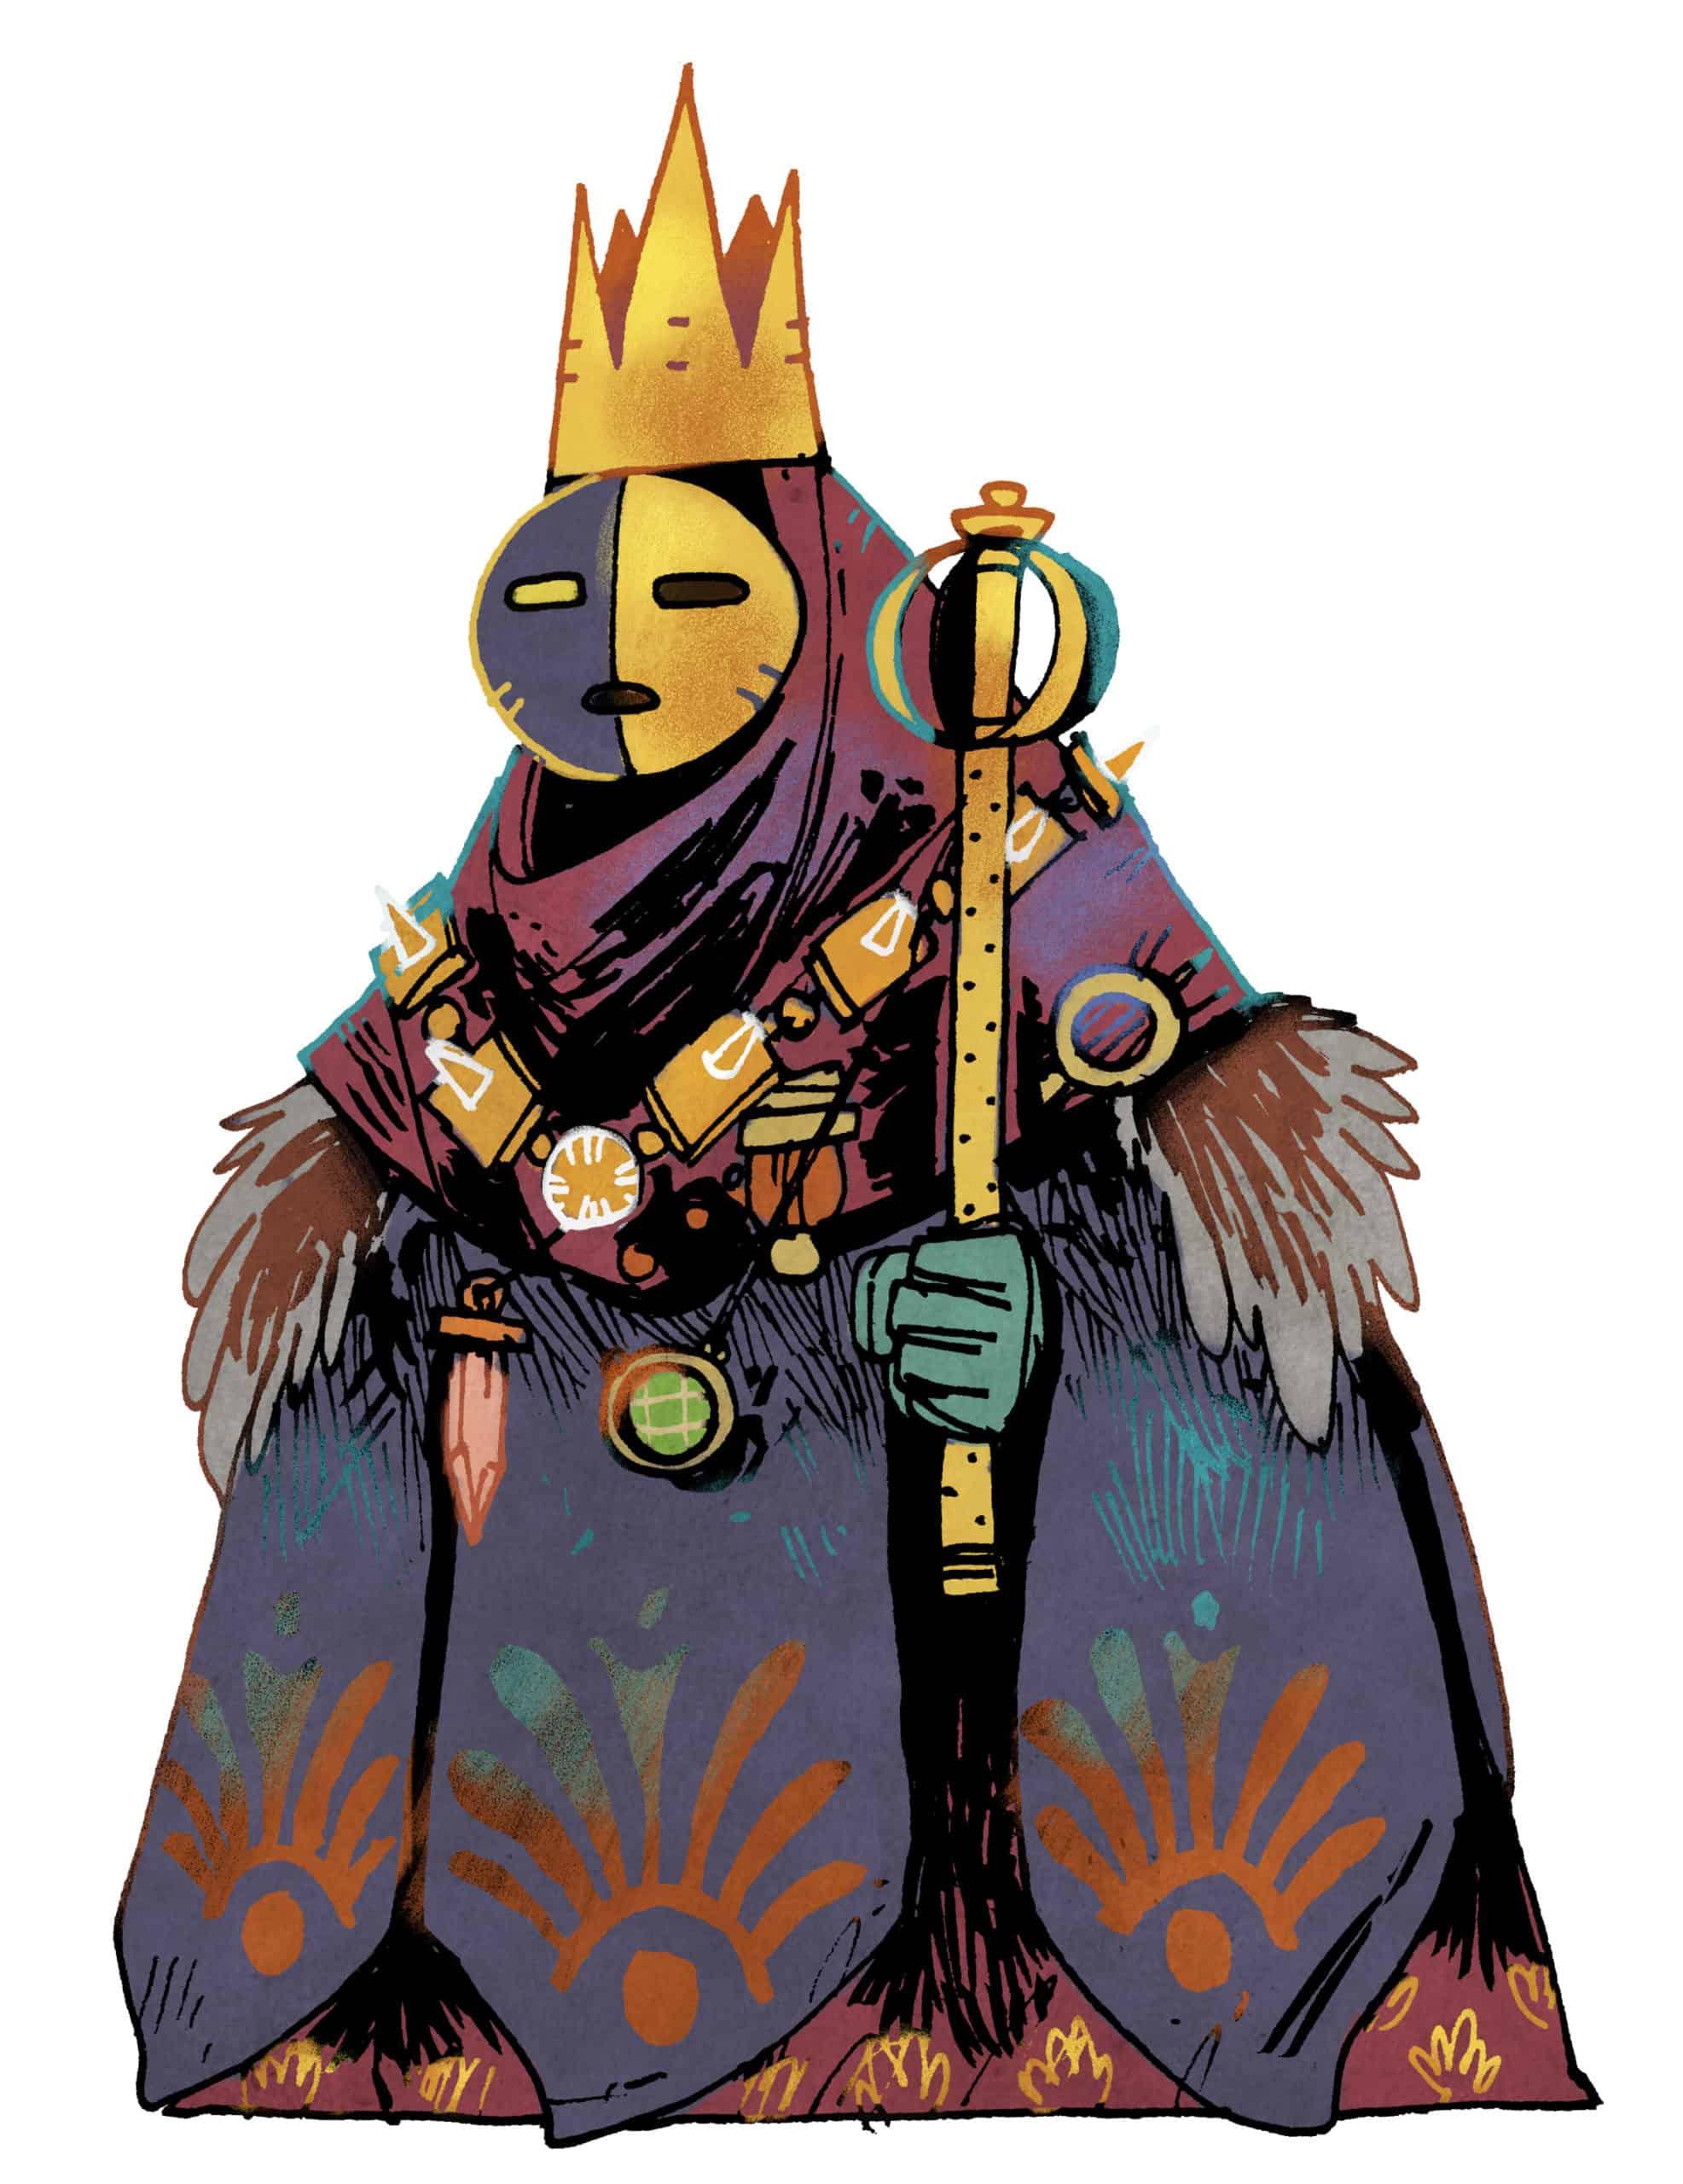 Brettspiele bei Kickstarter: Oath Character Art